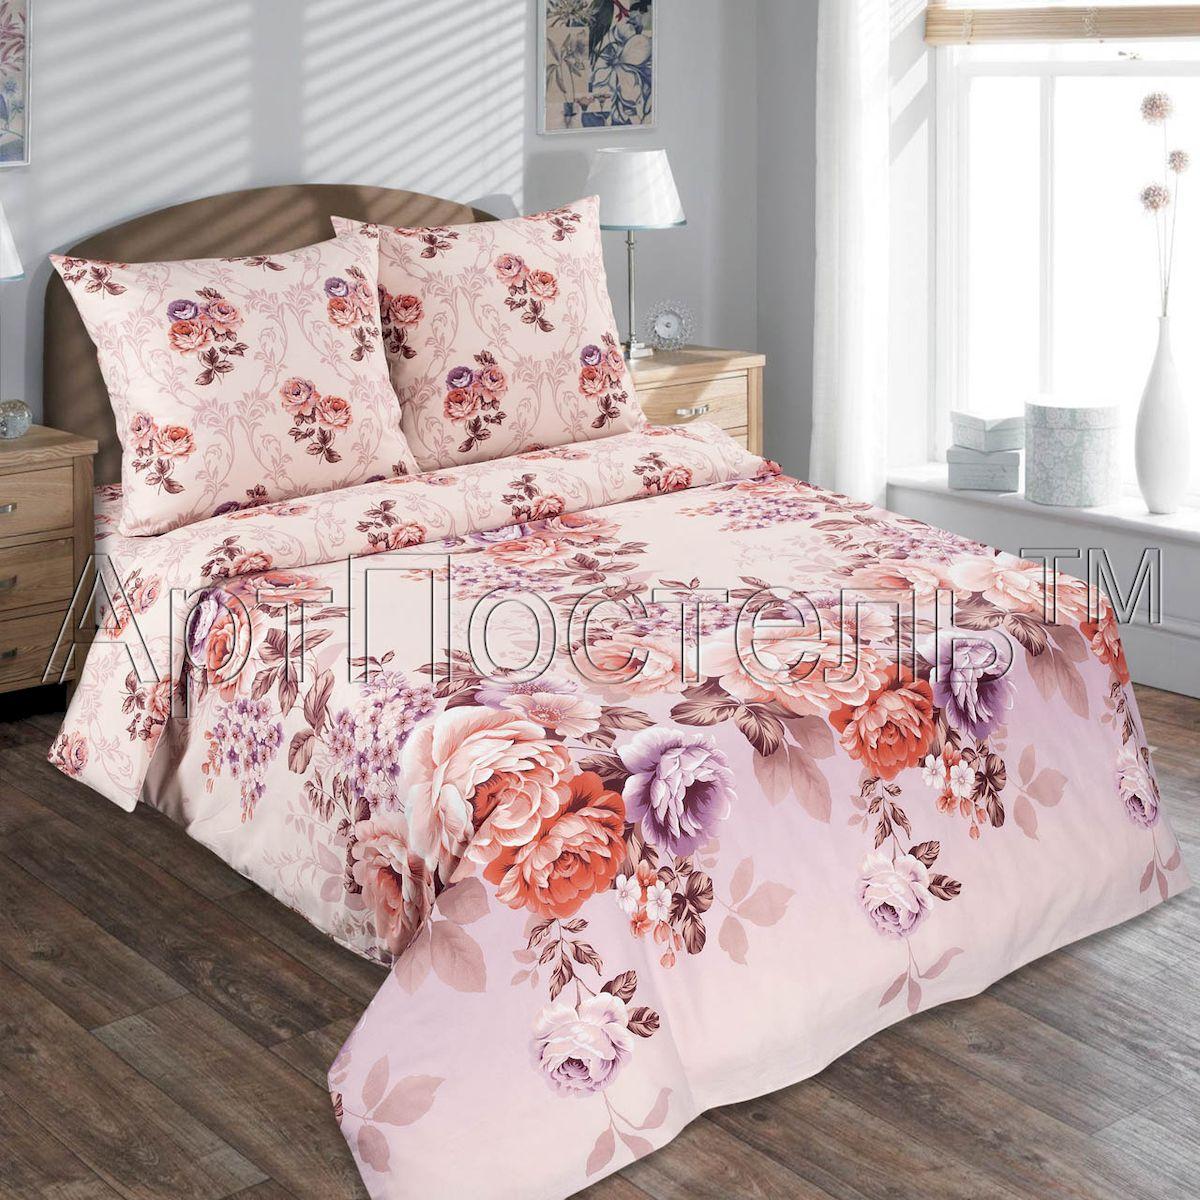 Комплект белья АртПостель Карамельная роза, 1,5 спальный, наволочки 70x70 комплект белья в киеве круглосуточно